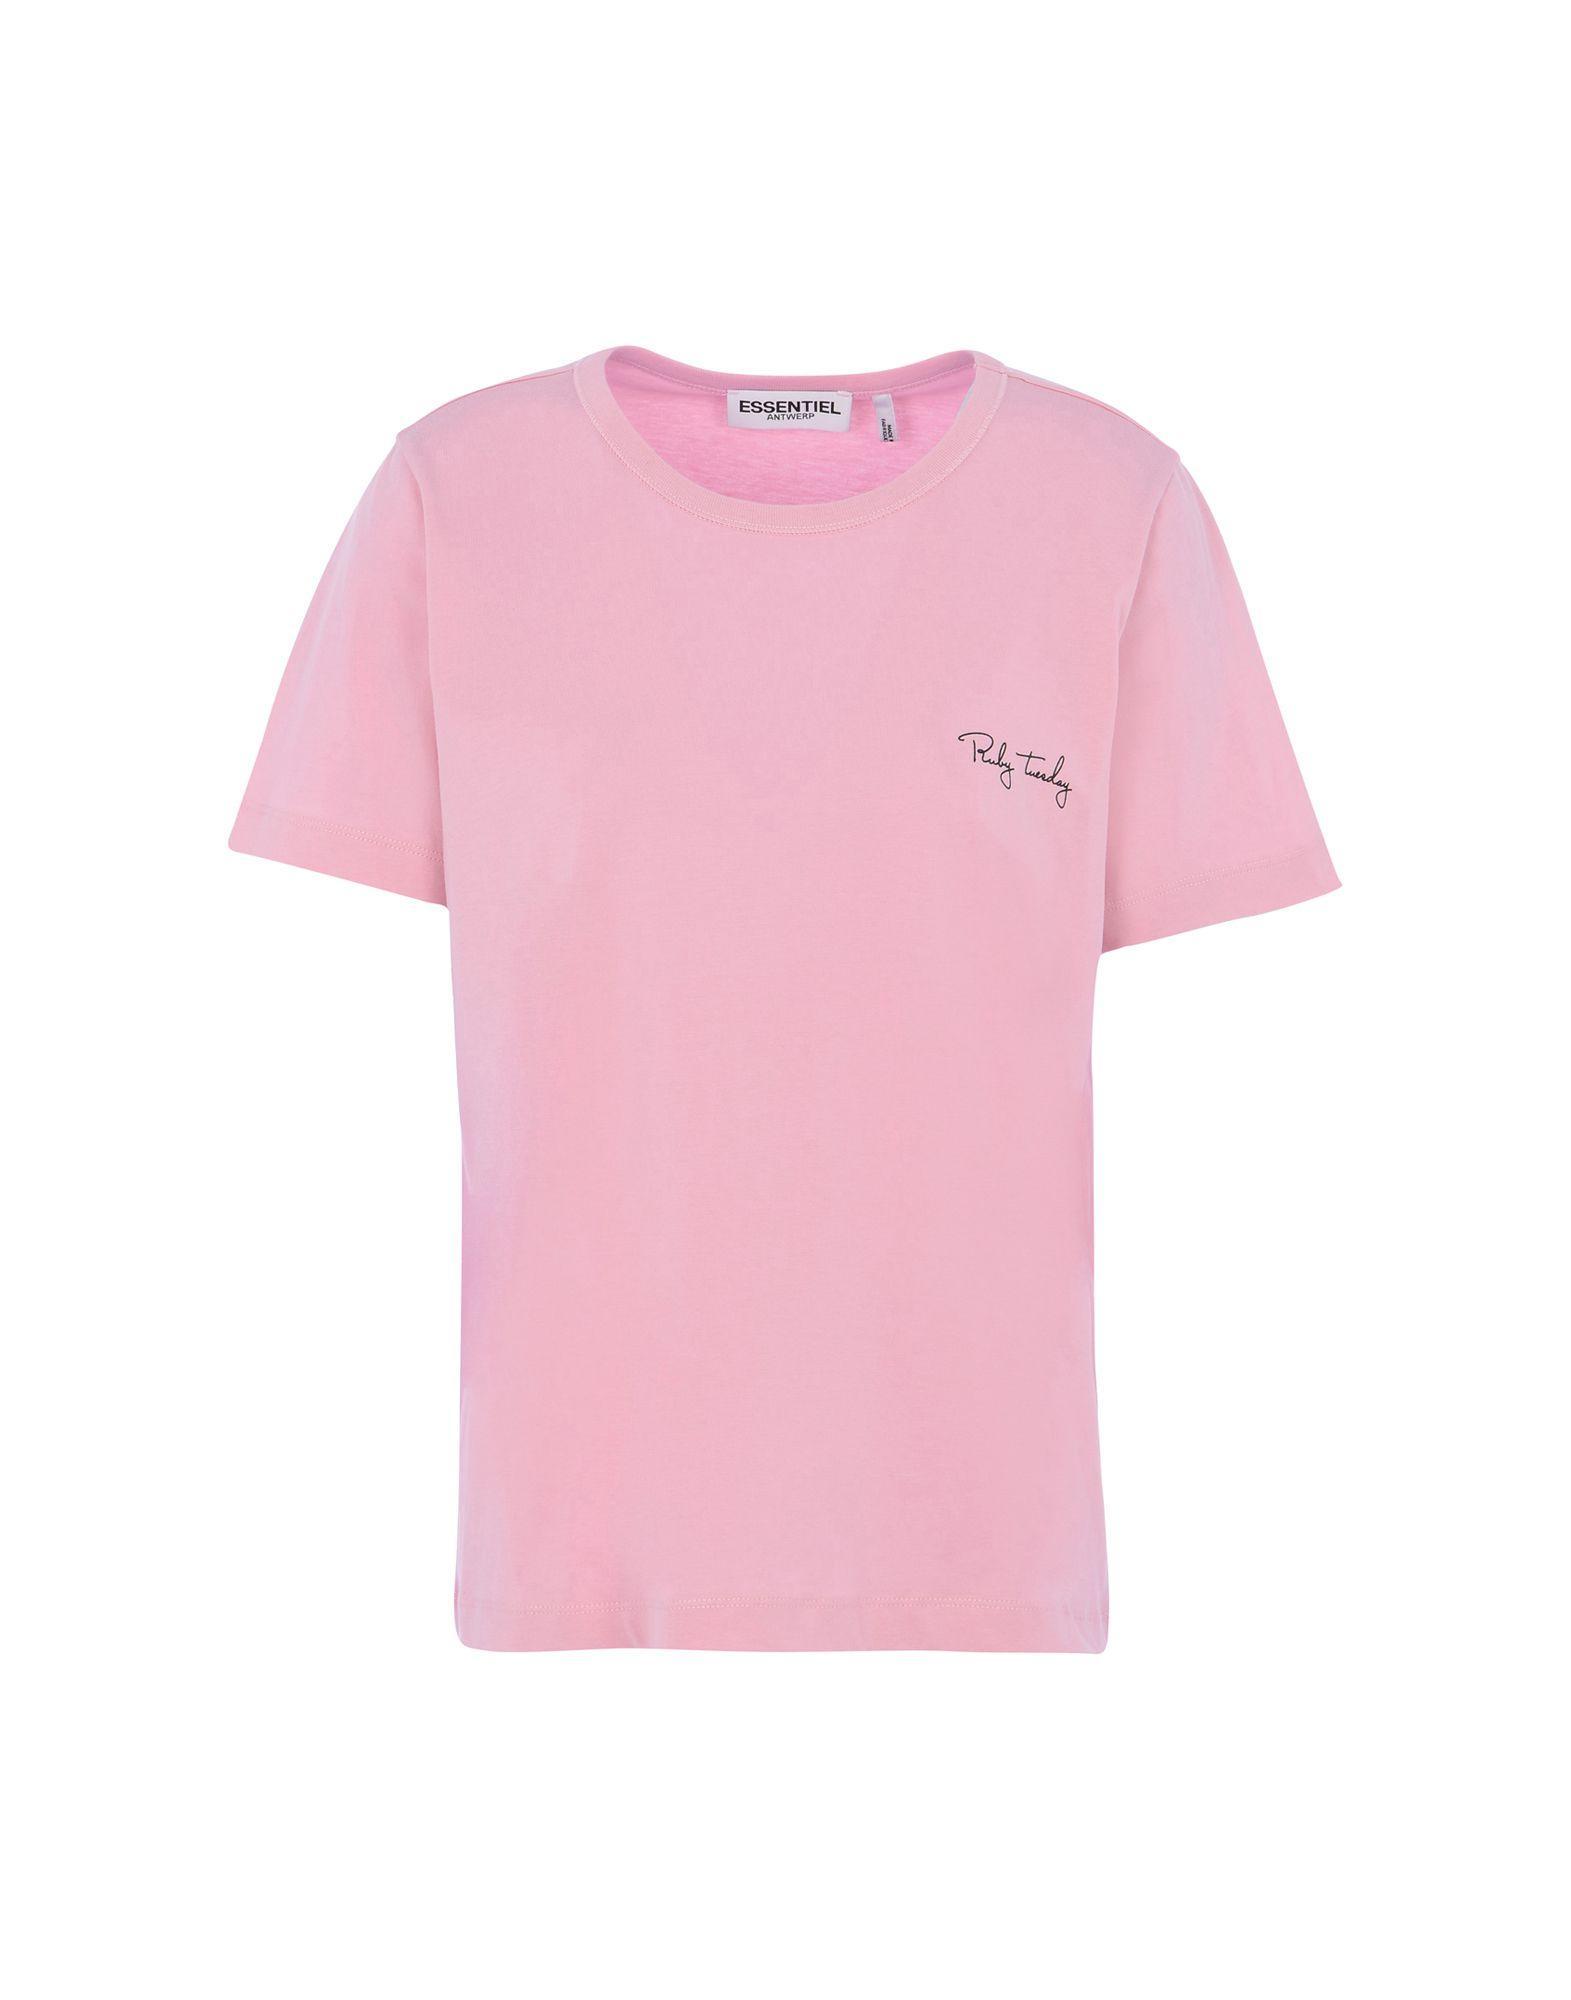 Essentiel Antwerp T-shirts In Pink